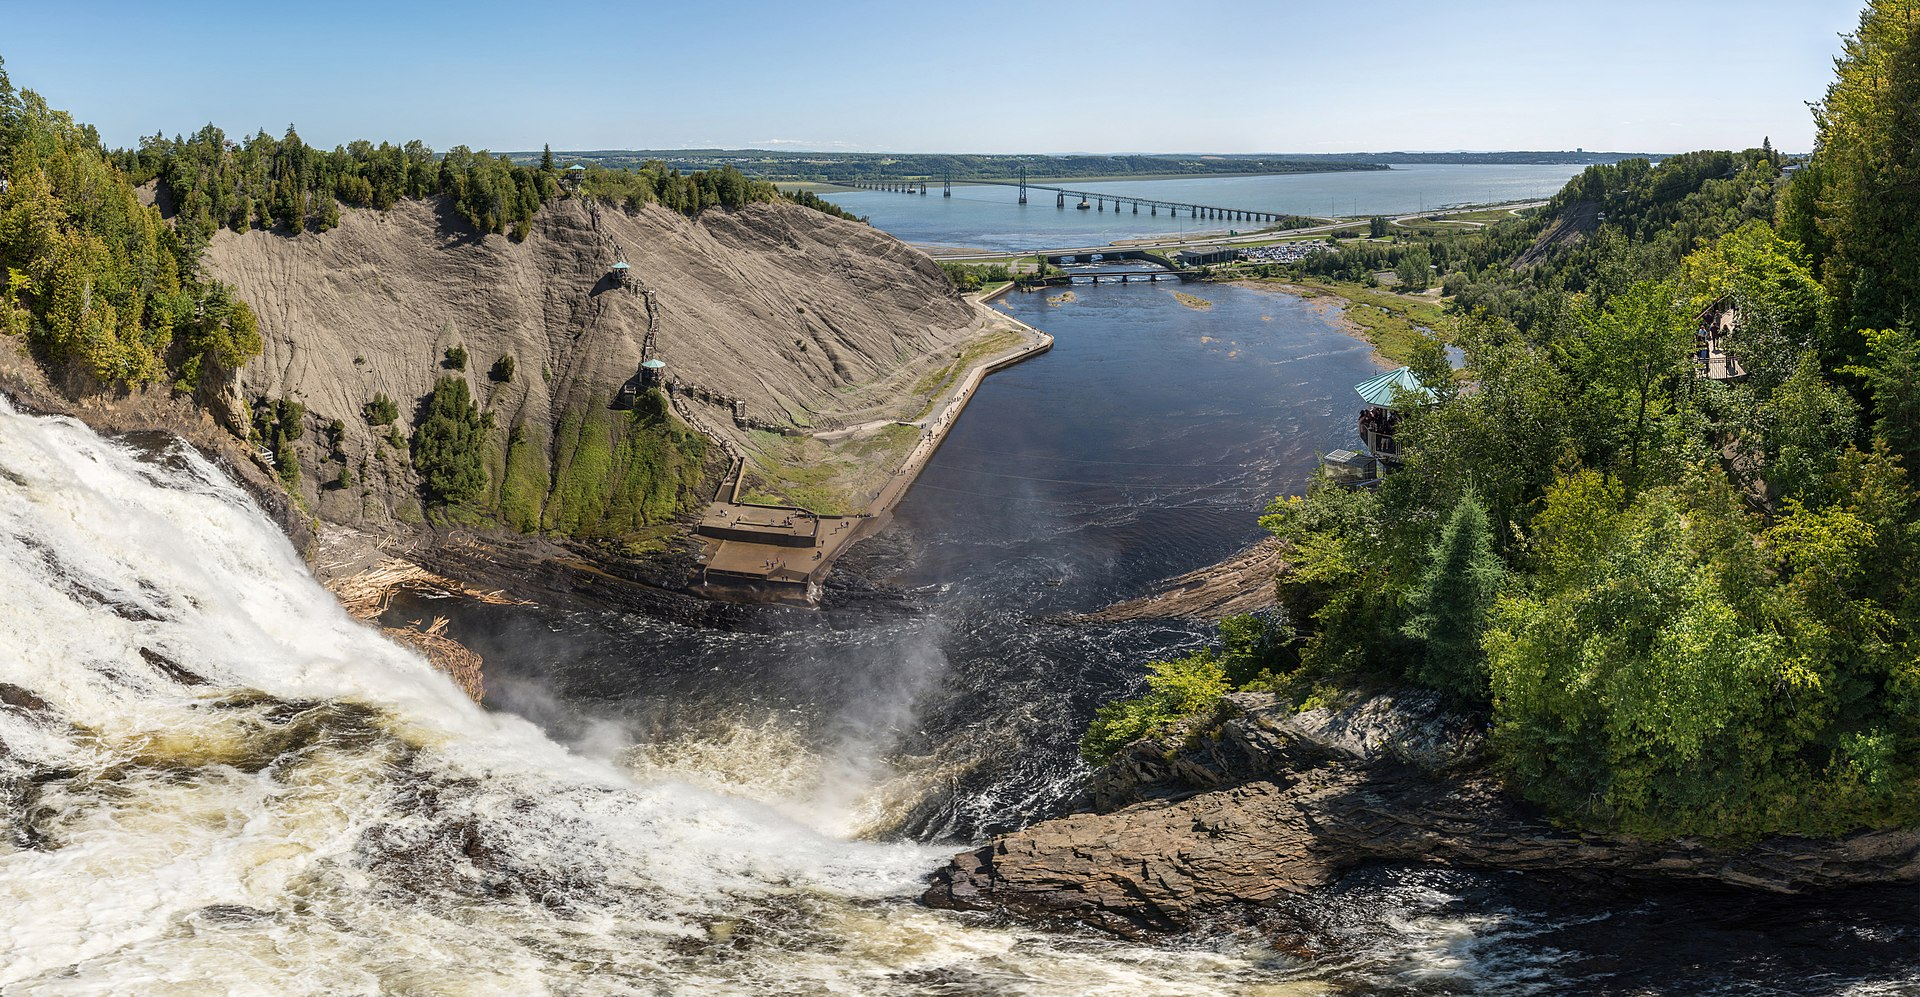 La chute Montmorency vue de l'amont, près de Boischatel. En arrière-plan, le confluent de la rivière Montmorency et du fleuve Saint-Laurent.  (définition réelle 13524×7022)